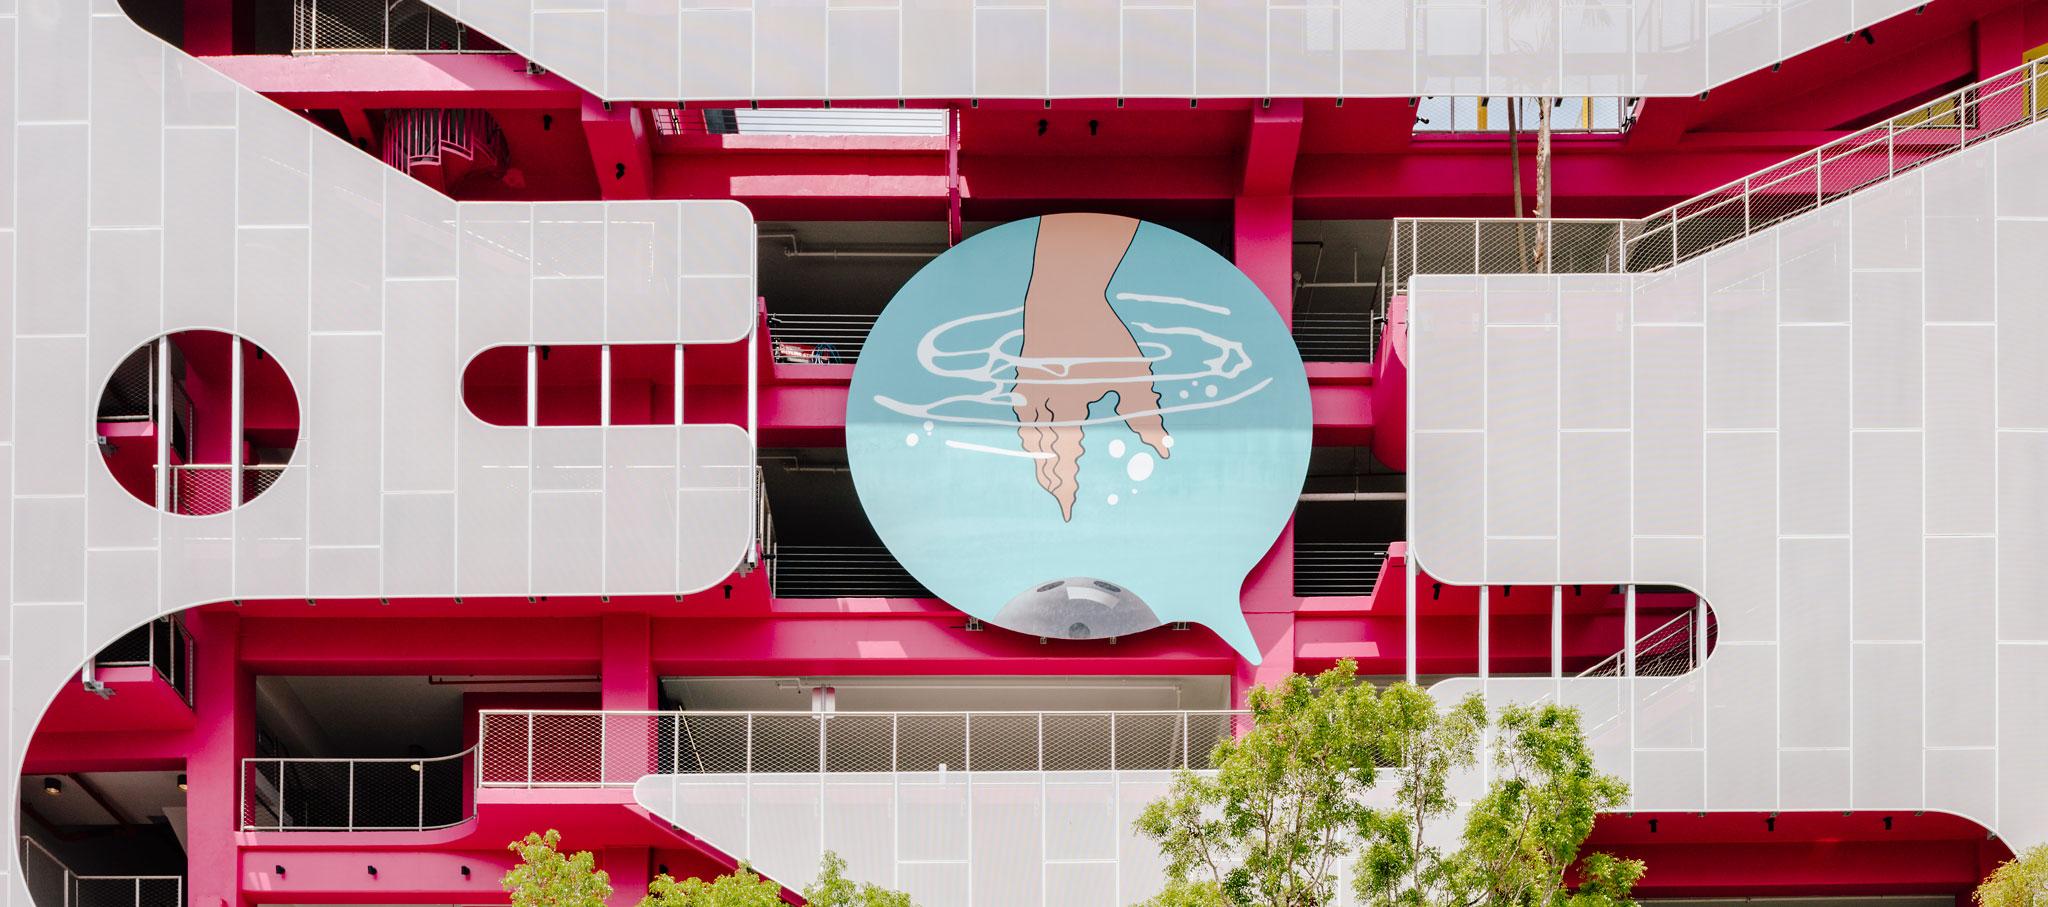 Miami Museum Garage por WORKac, Nicolas Buffe, Clavel Arquitectos, K/R y J. MAYER. H. Fotografía por Miguel de Guzman. Imagen Subliminal